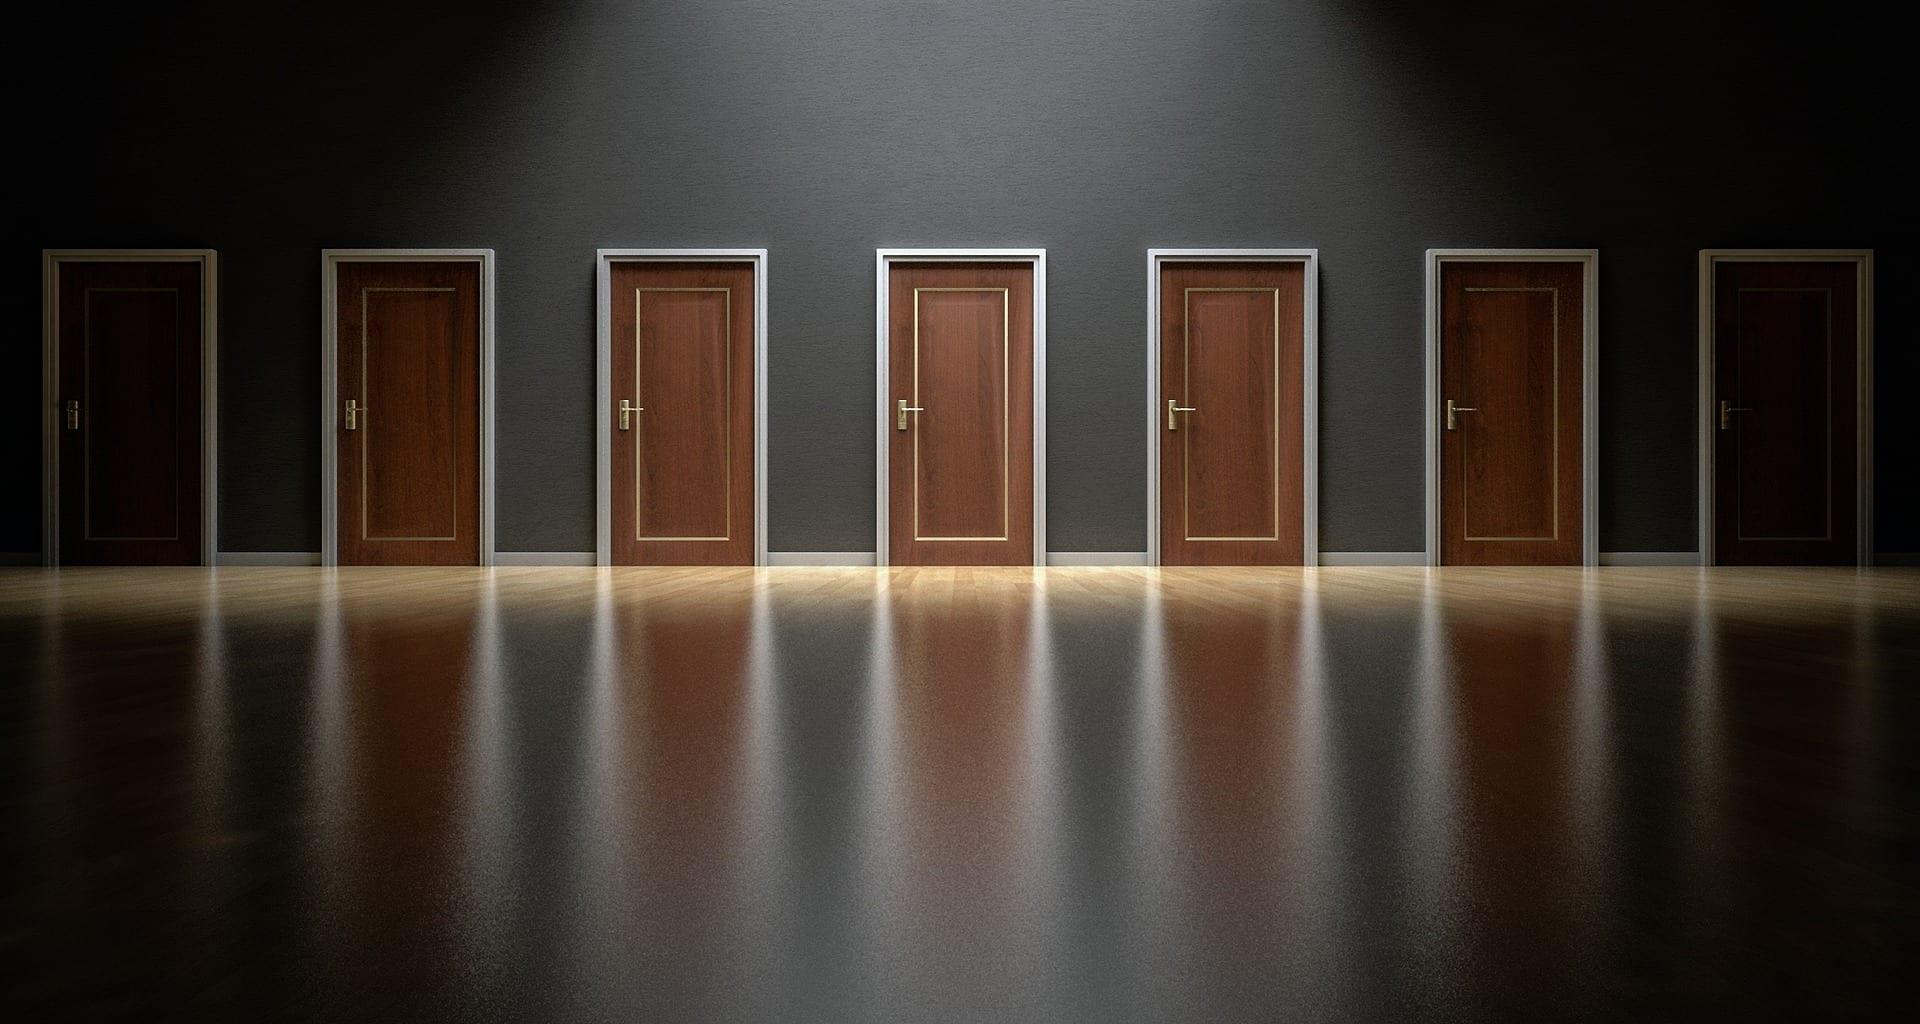 doors-1587329_1920